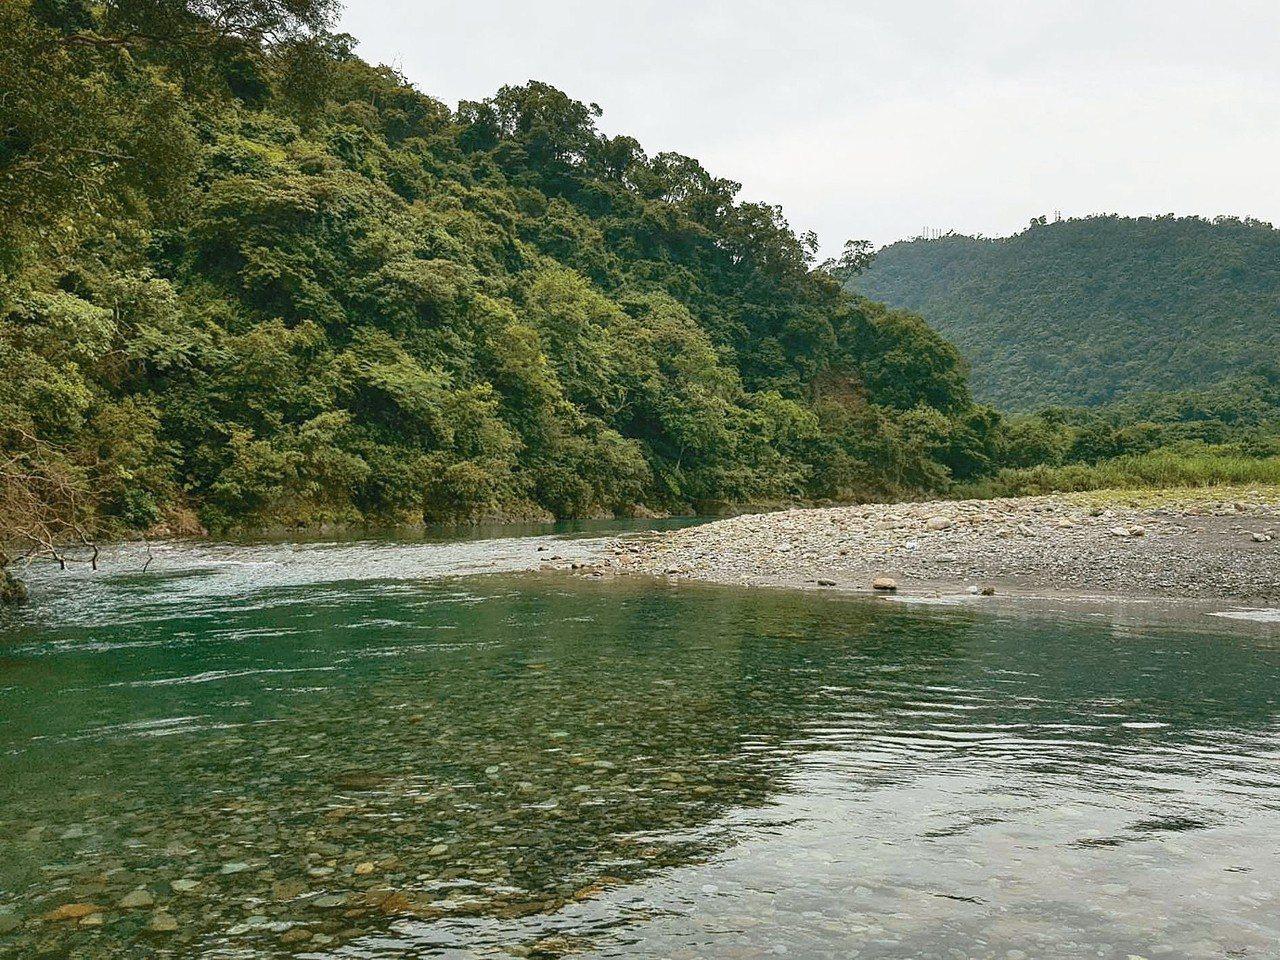 宜蘭縣政府整治武荖坑新城溪中上游,7月1日起將開放戲水。 圖/宜蘭縣政府提供